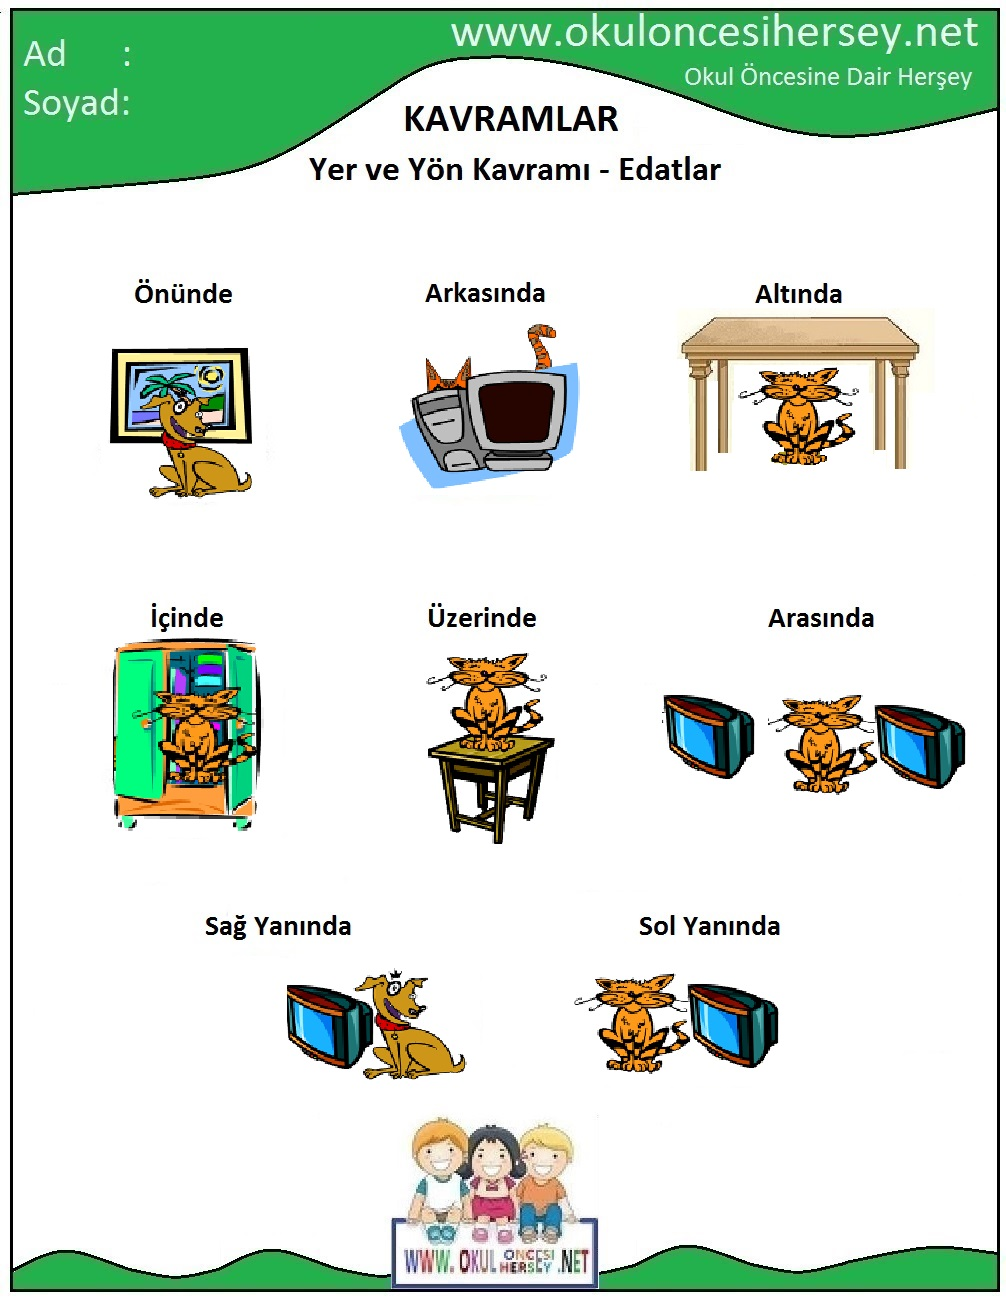 Yer Yon Kavrami